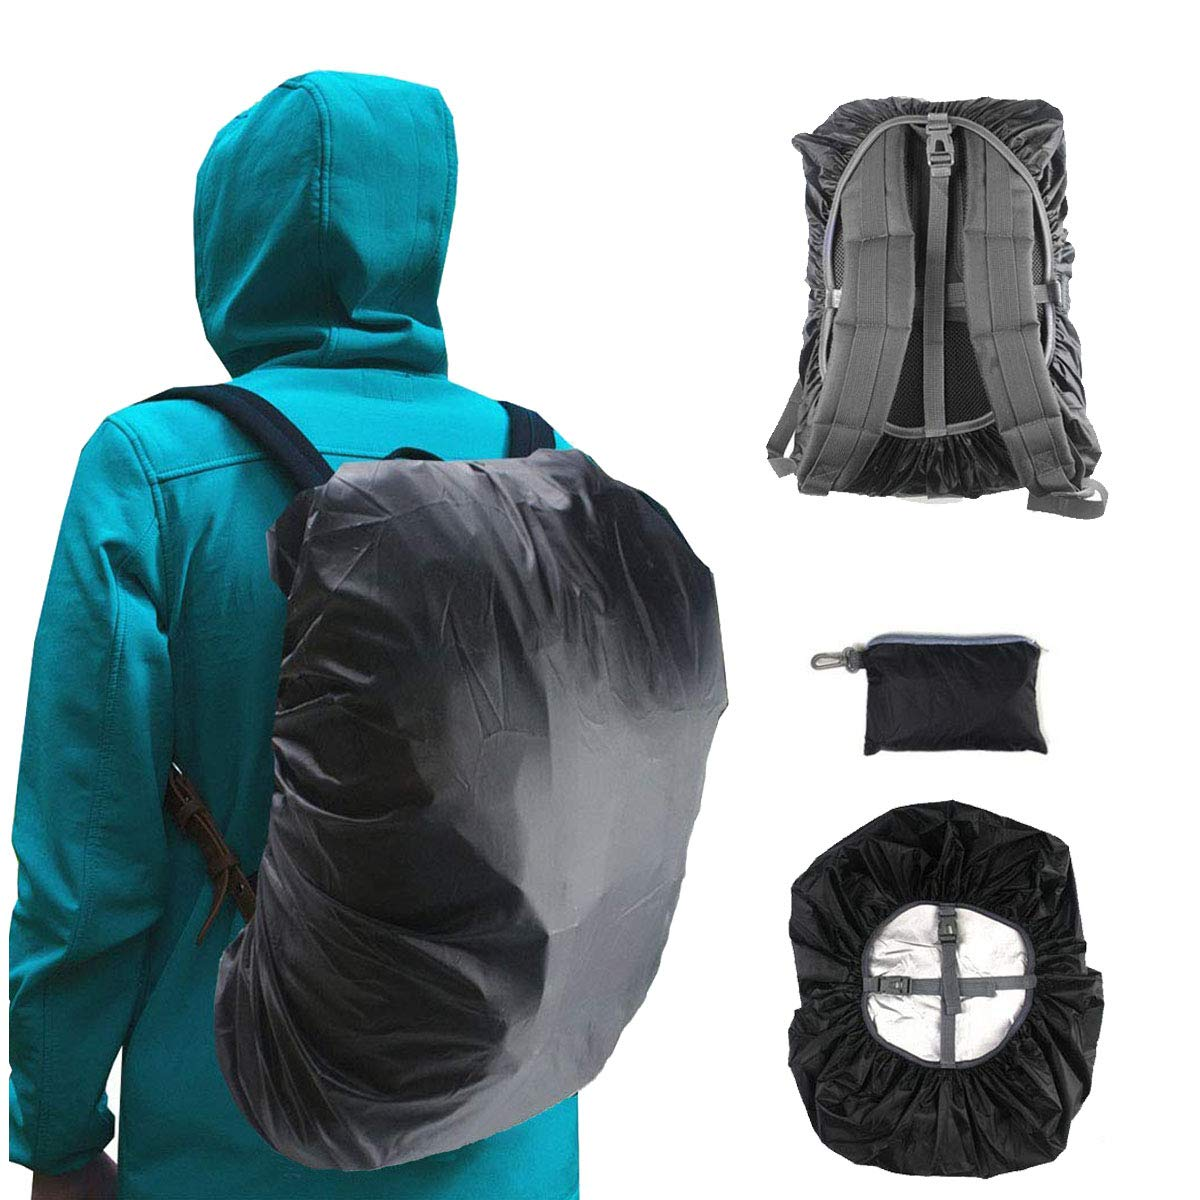 Osprey Ultralight Pack Raincover Large |